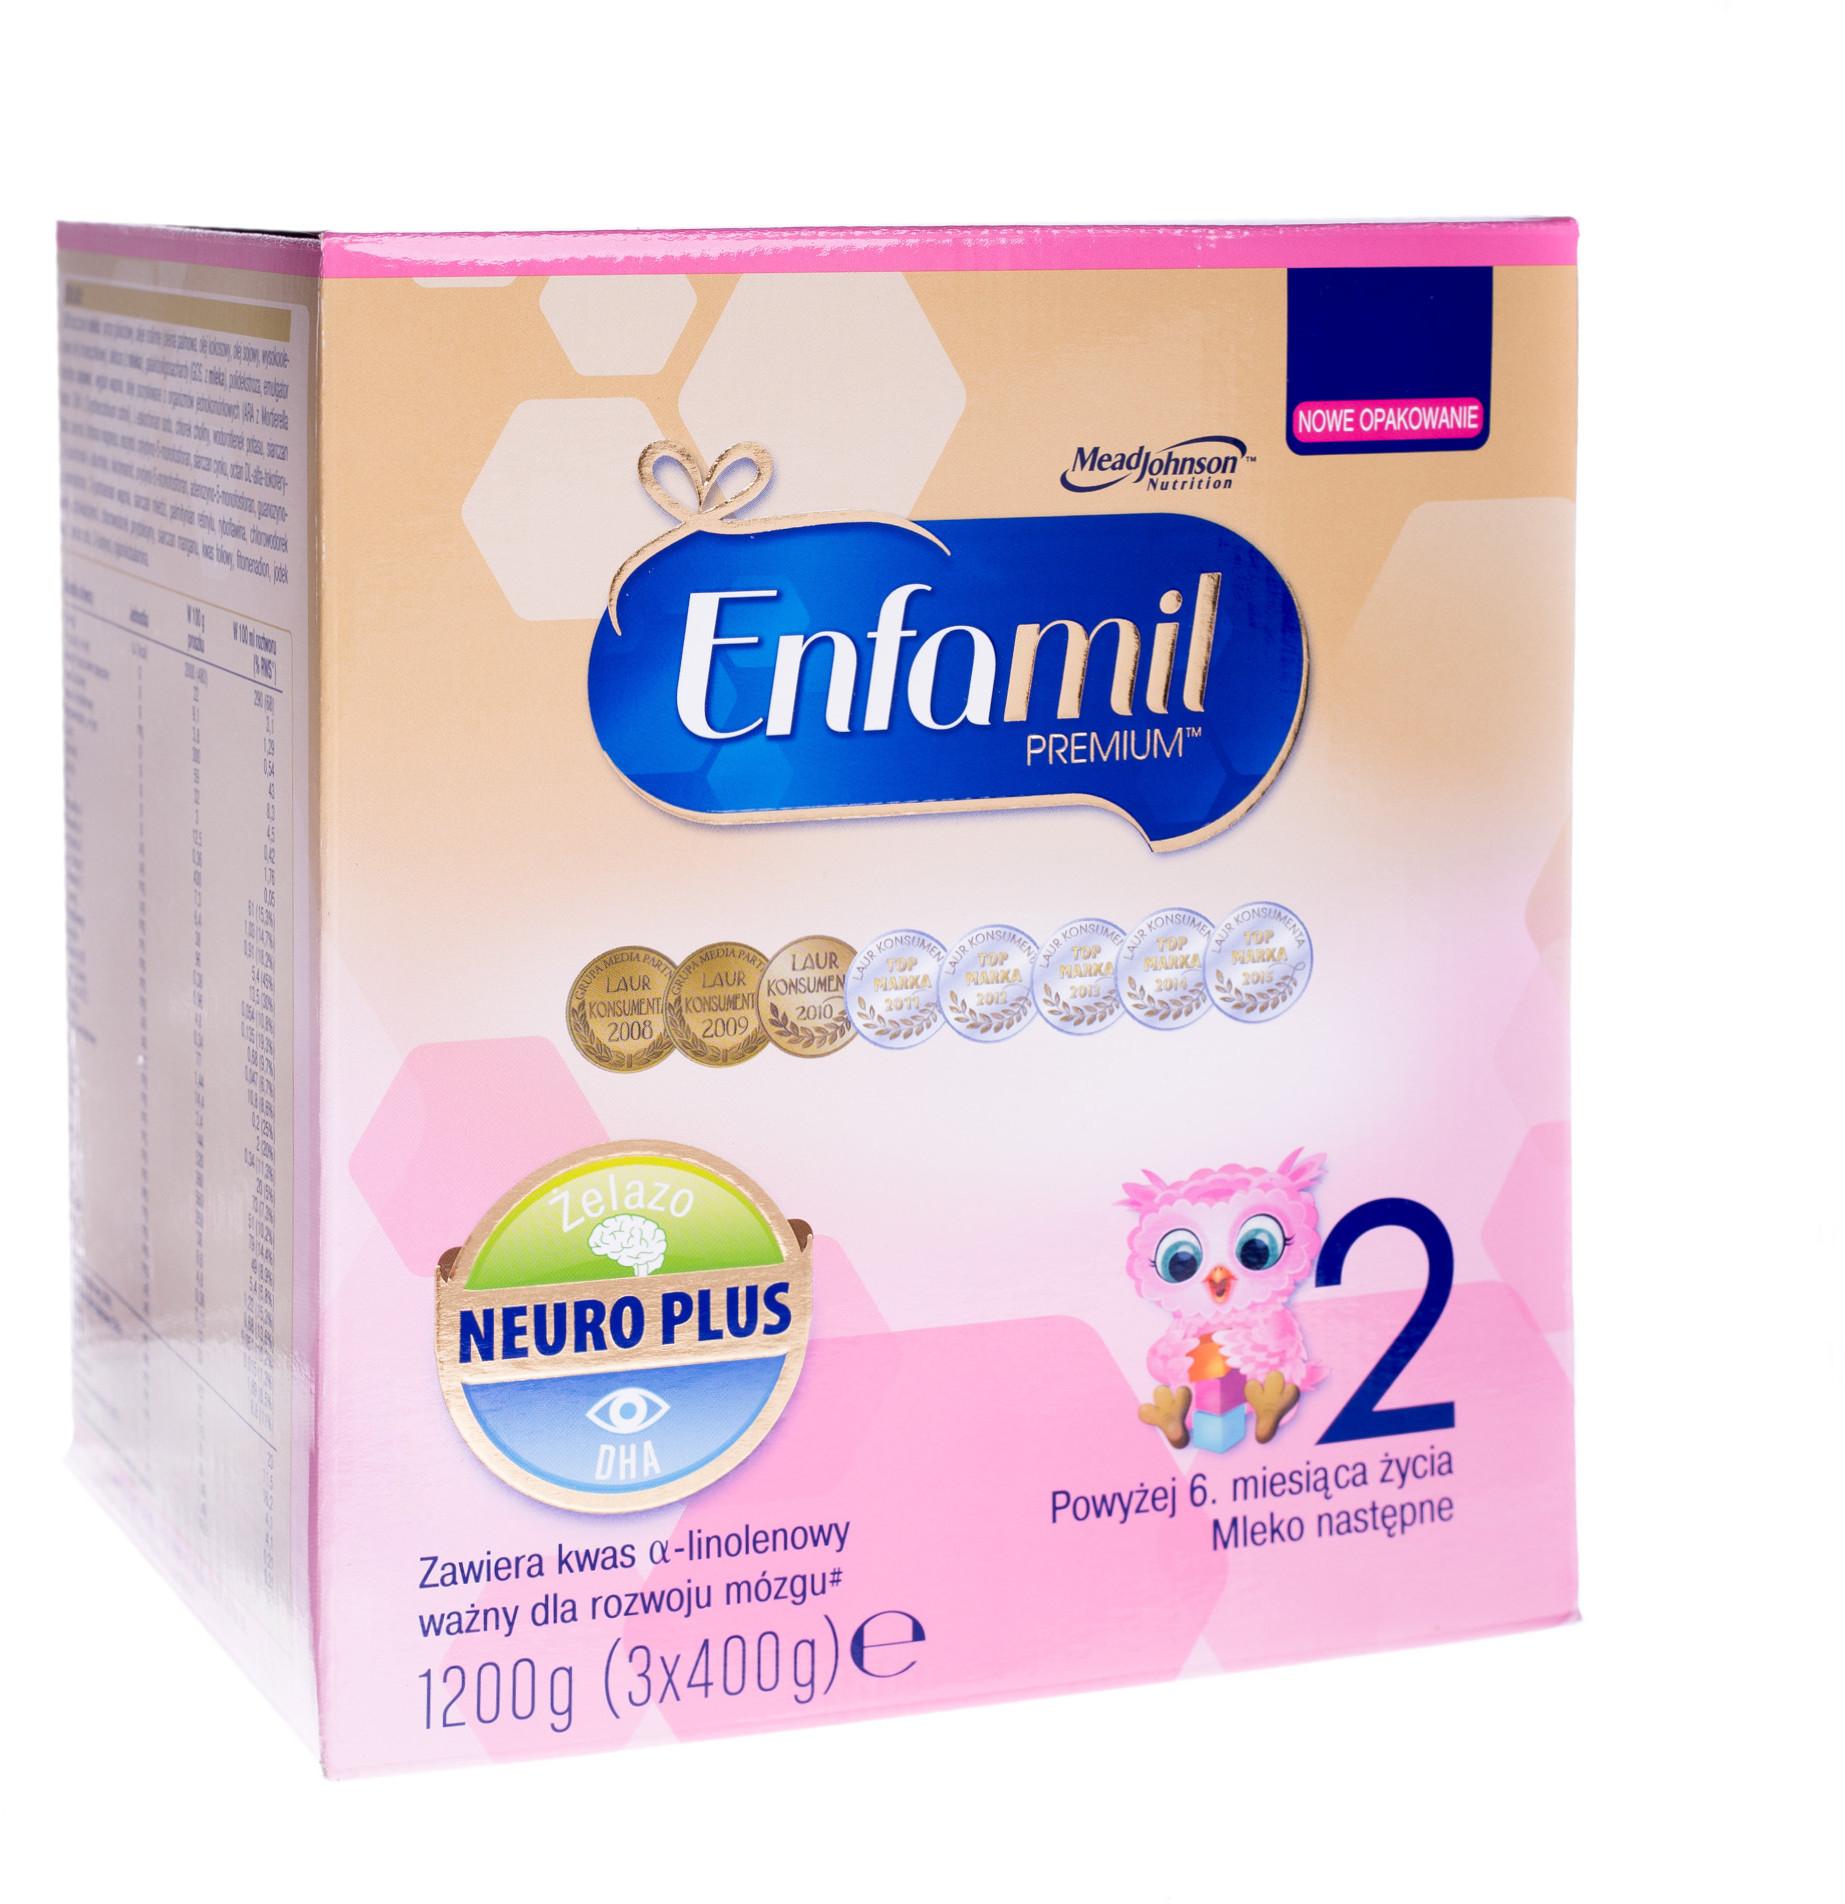 Enfamil Premium 2 neuro plus 1200 g